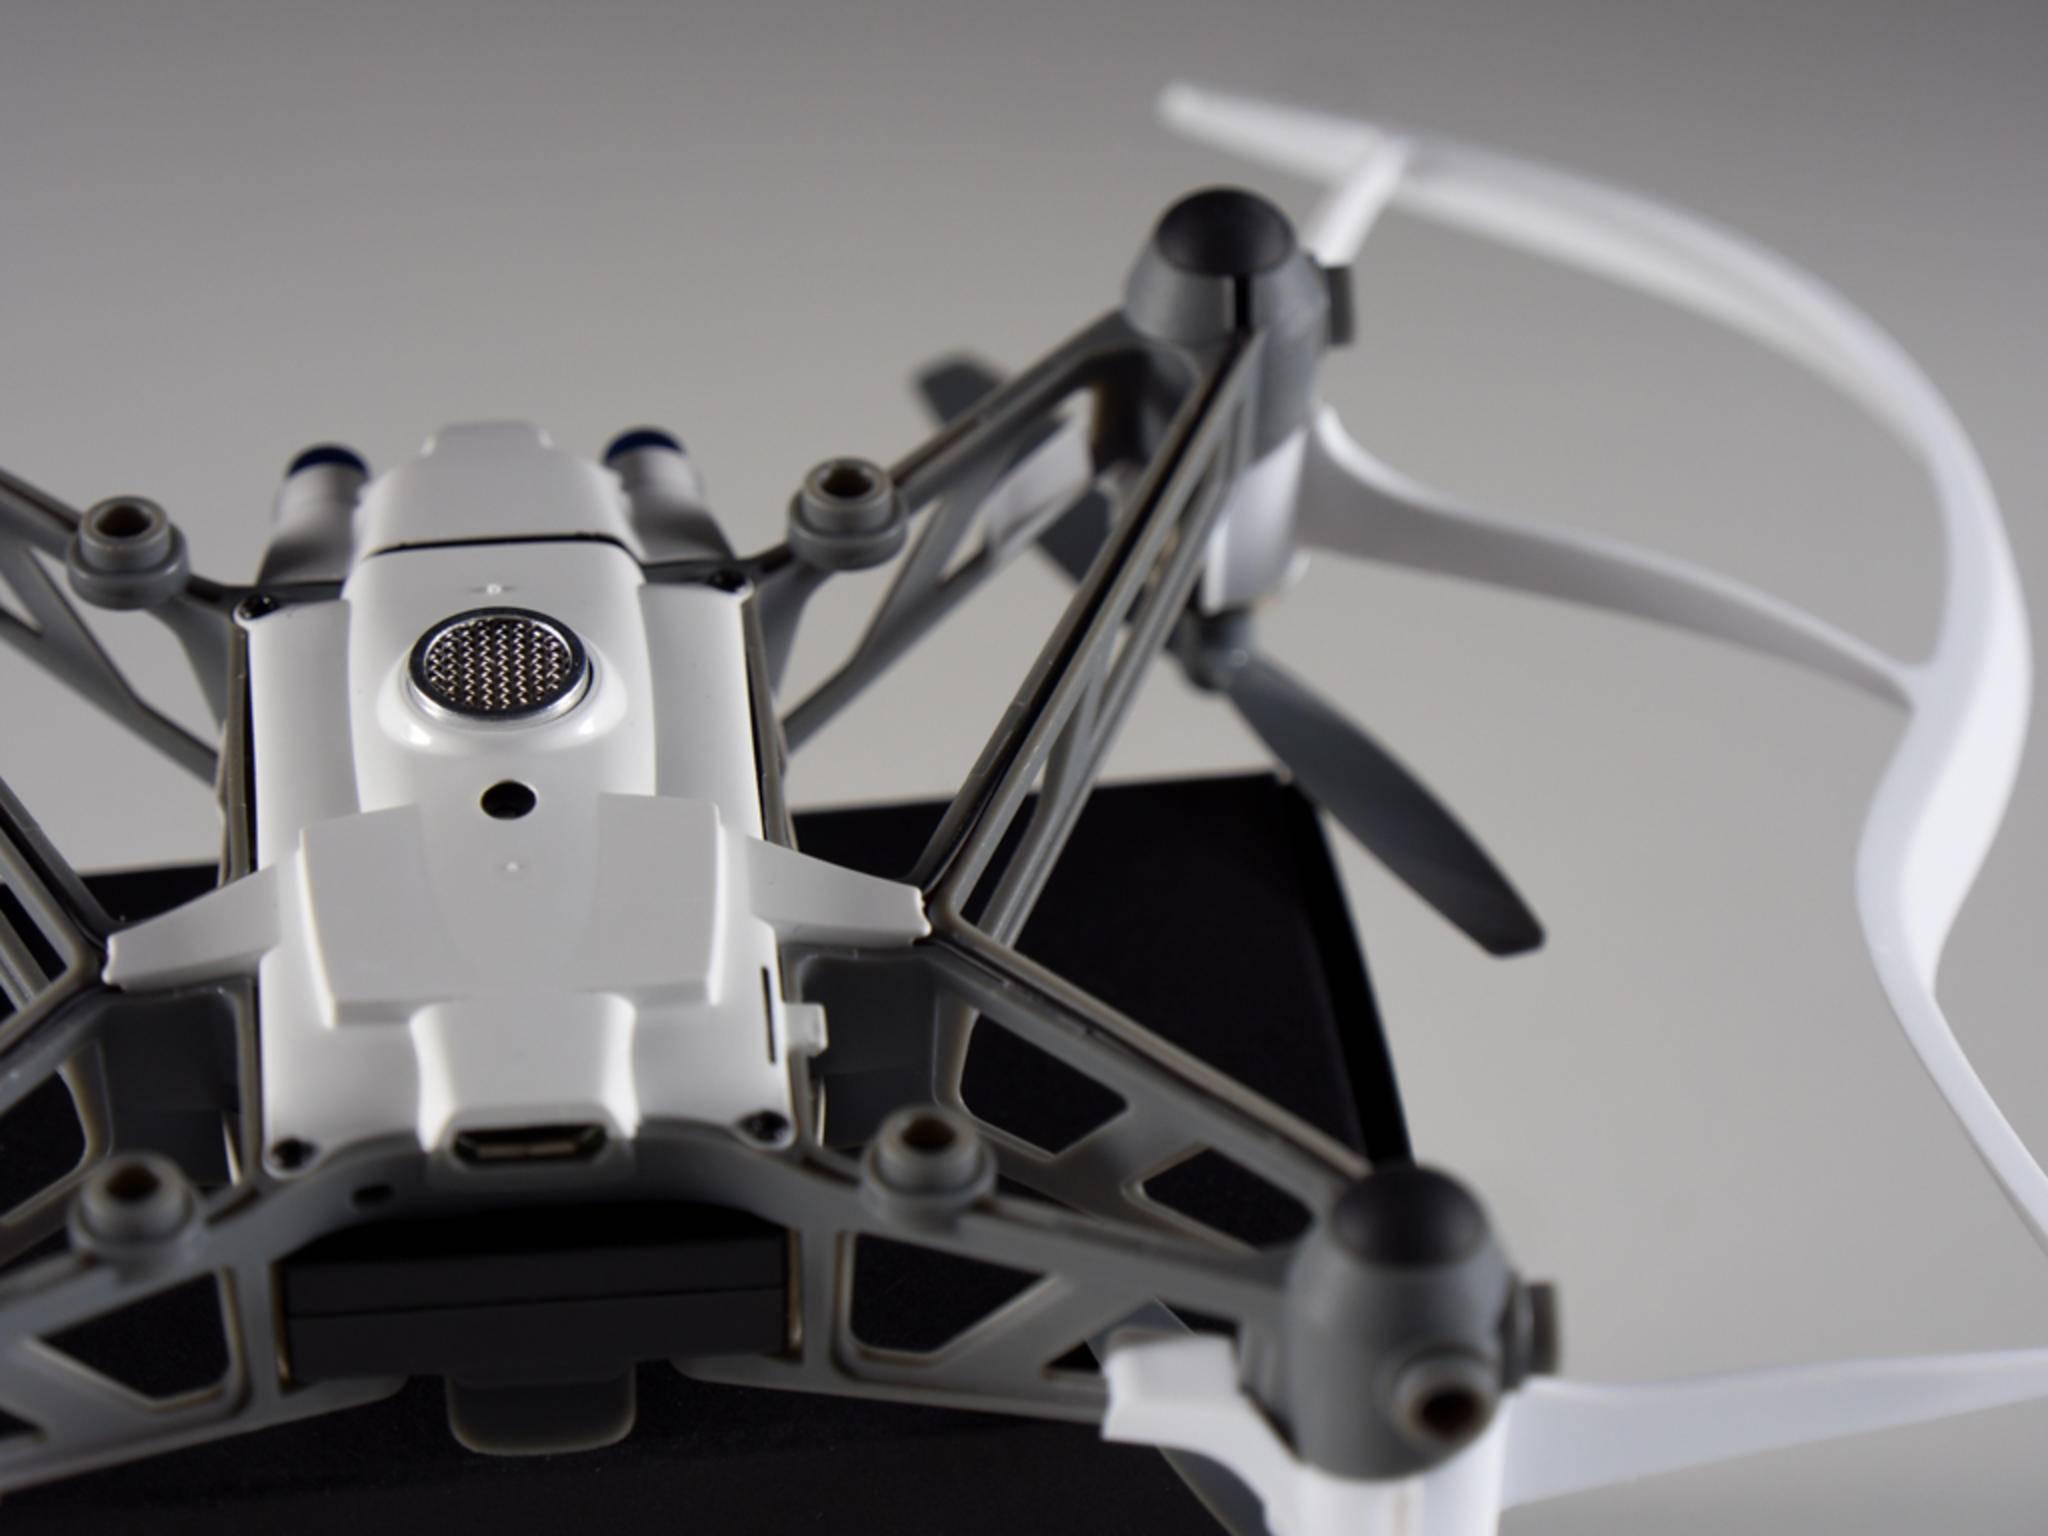 Auch bei diversen Crashs blieb die Parrot-Drohne unversehrt.